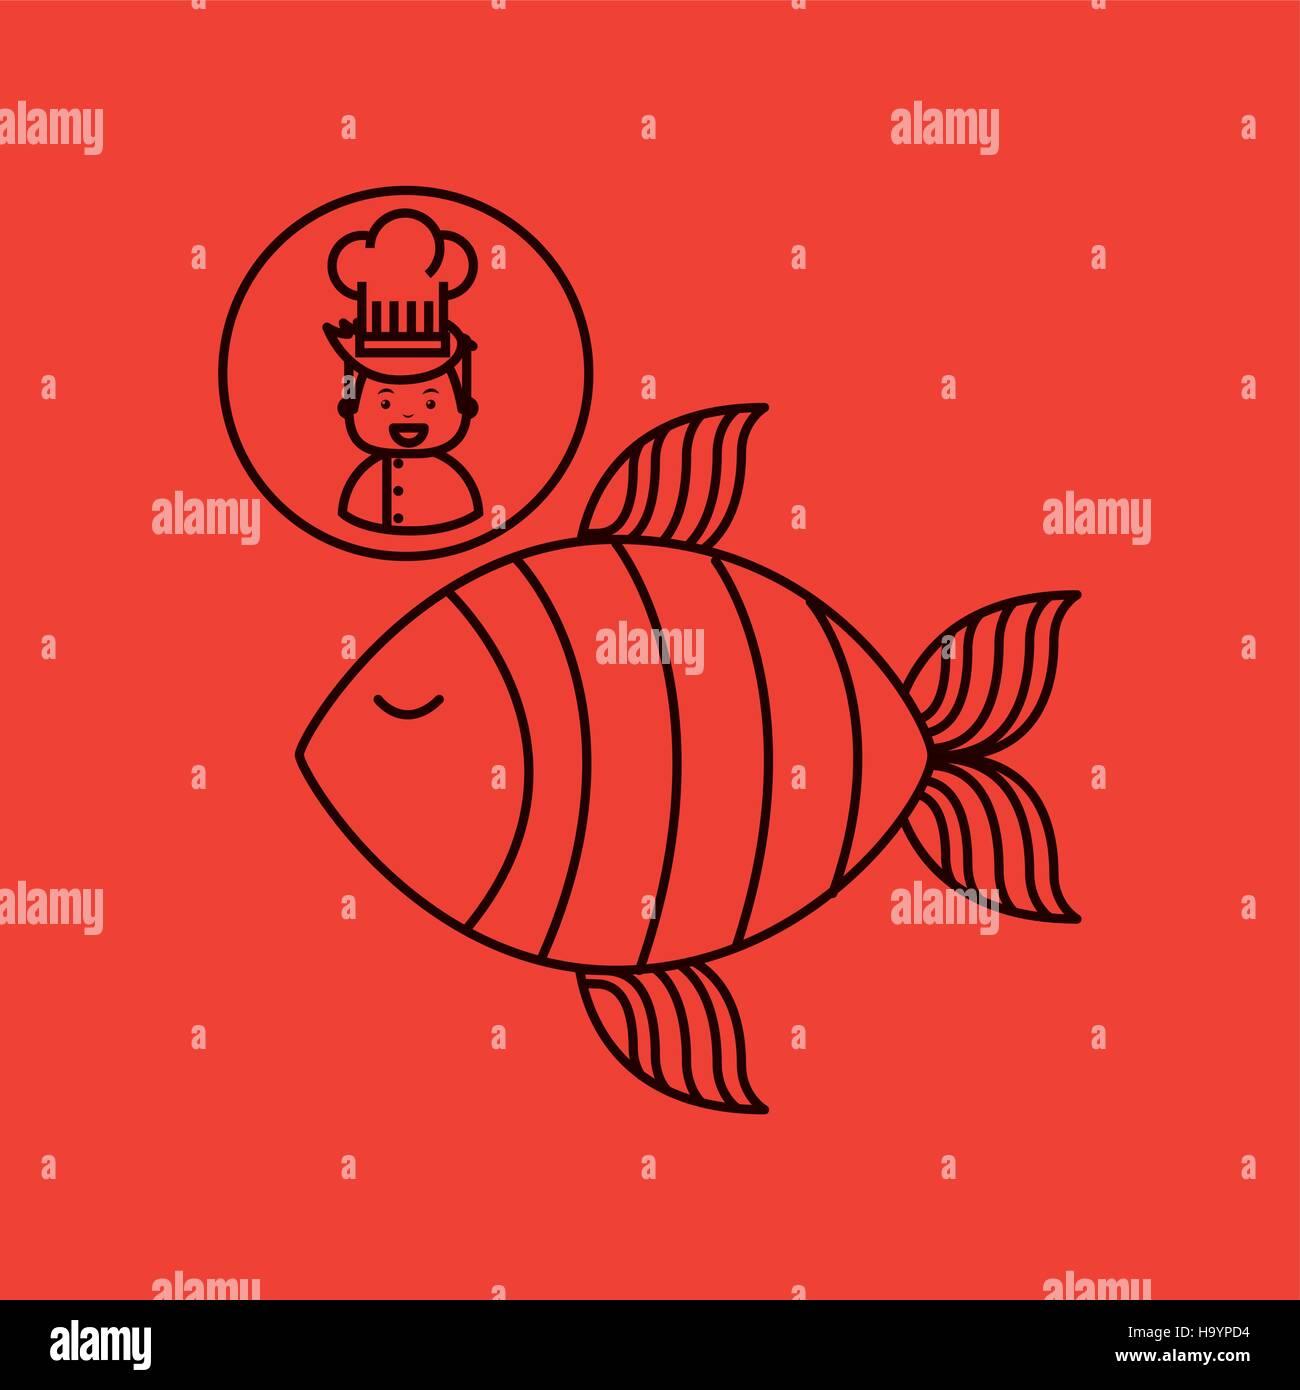 Cartoon Fish Head Stock Photos & Cartoon Fish Head Stock Images - Alamy